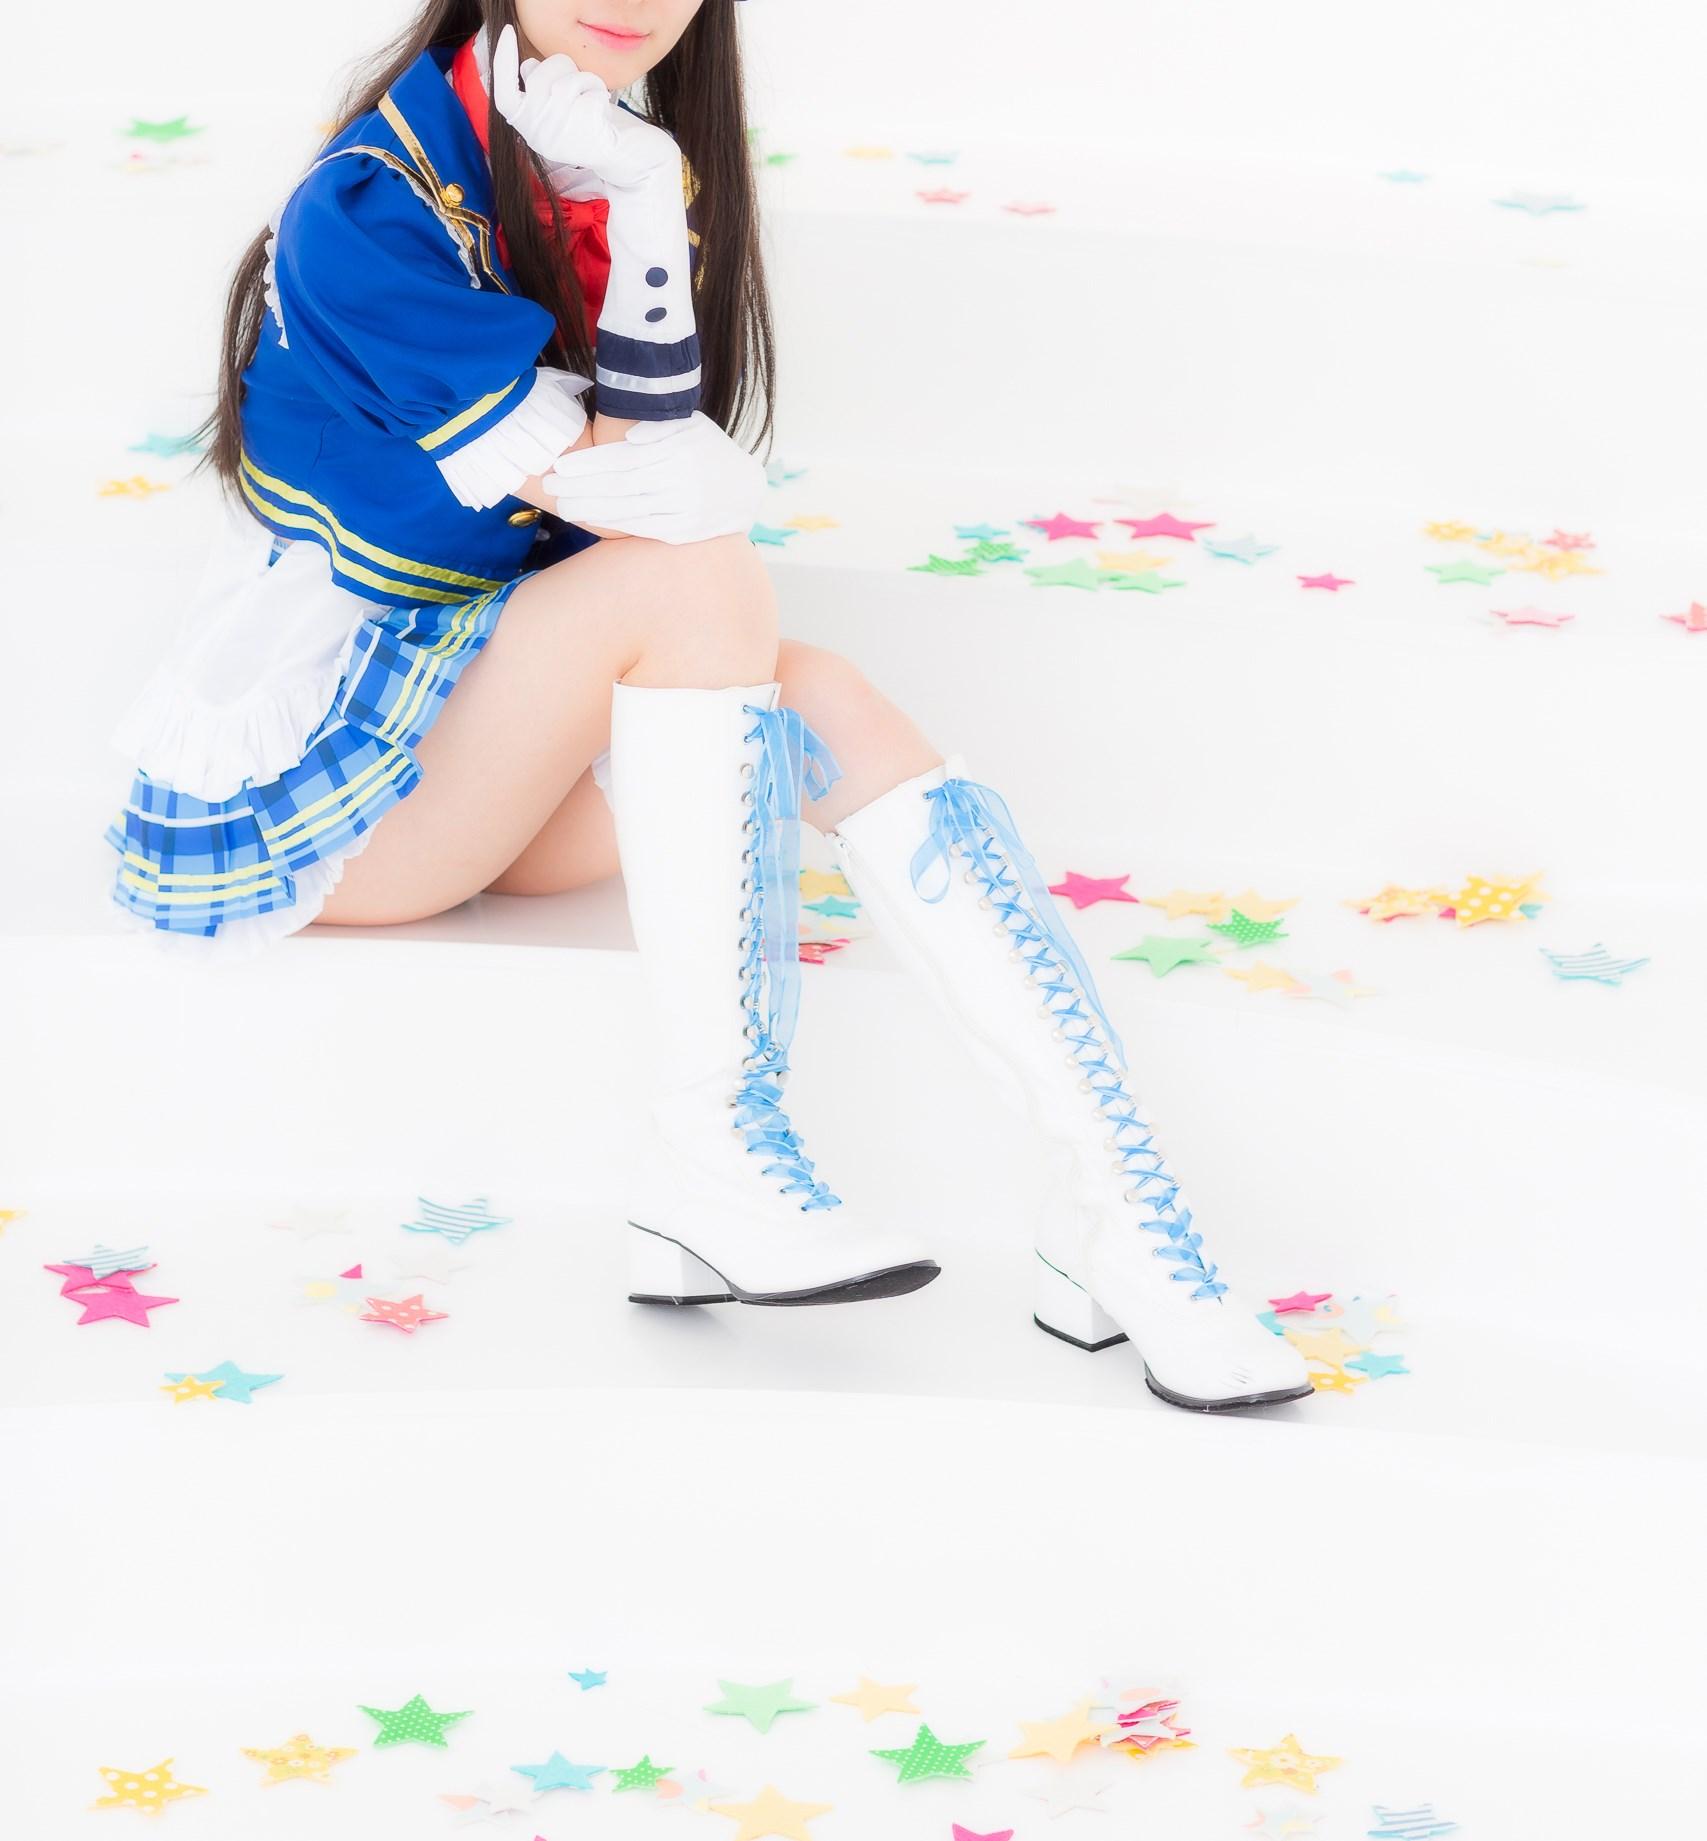 【兔玩映画】少女制服爱豆 兔玩映画 第48张